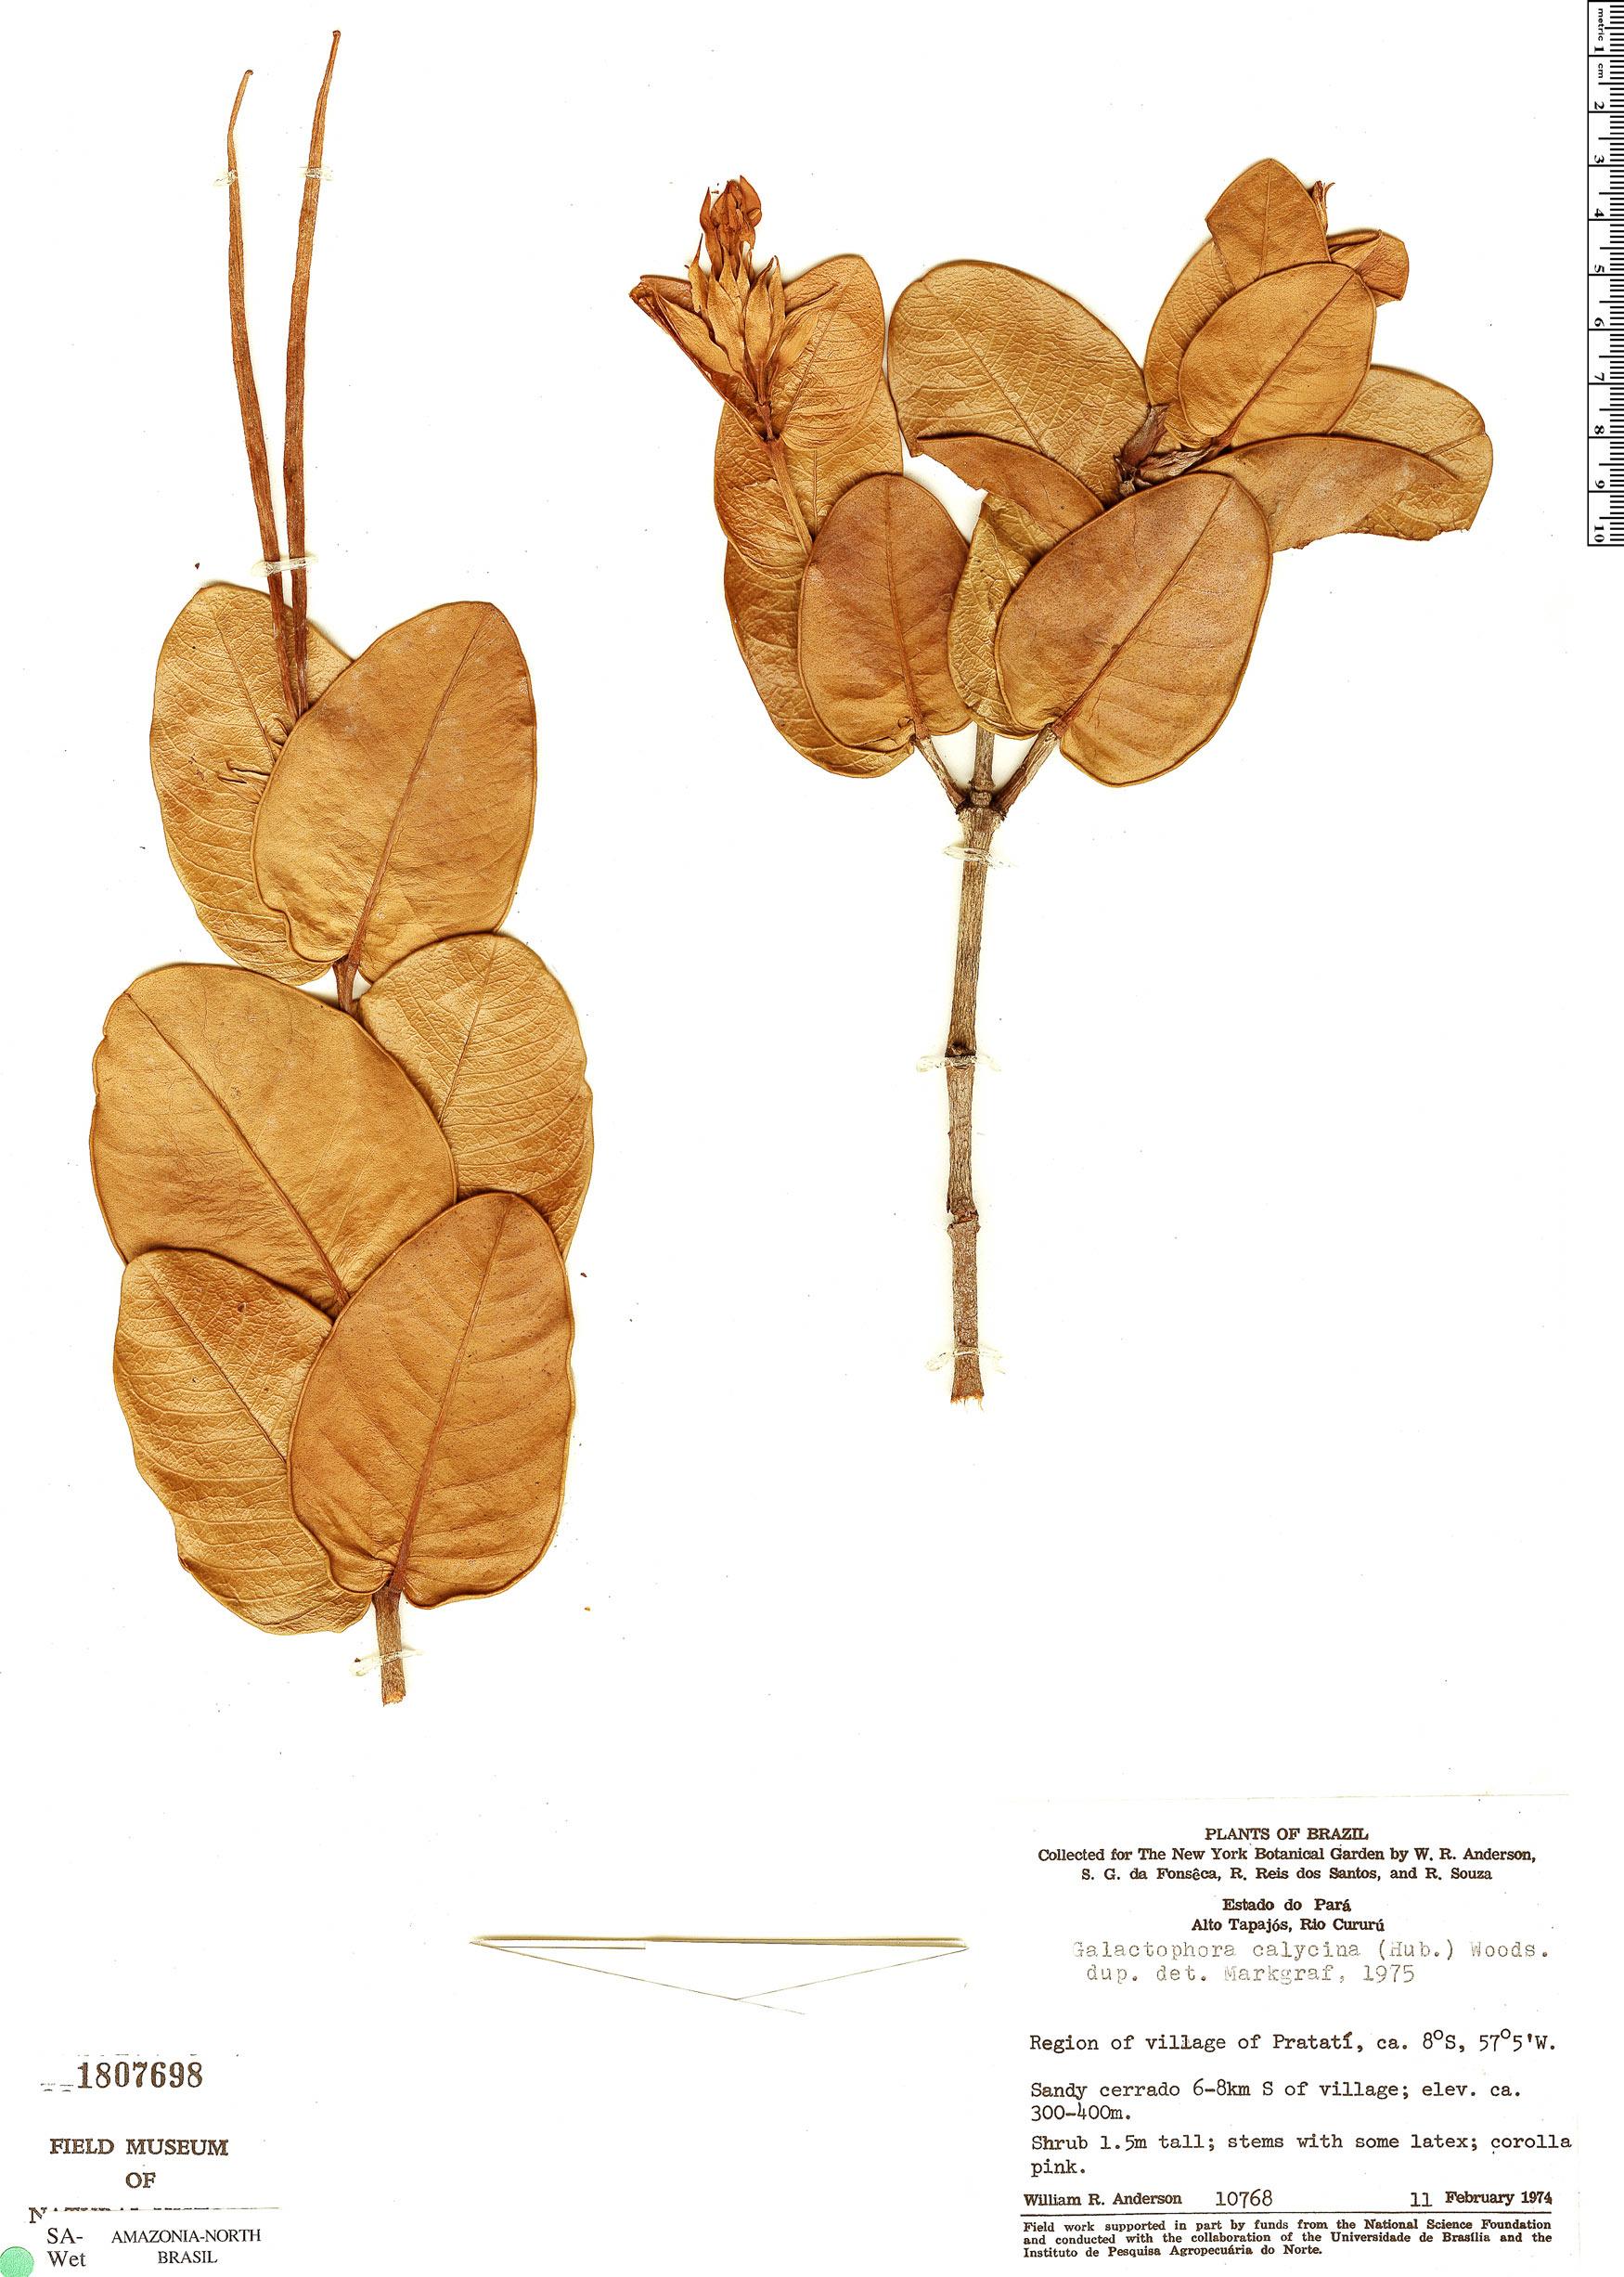 Specimen: Galactophora crassifolia